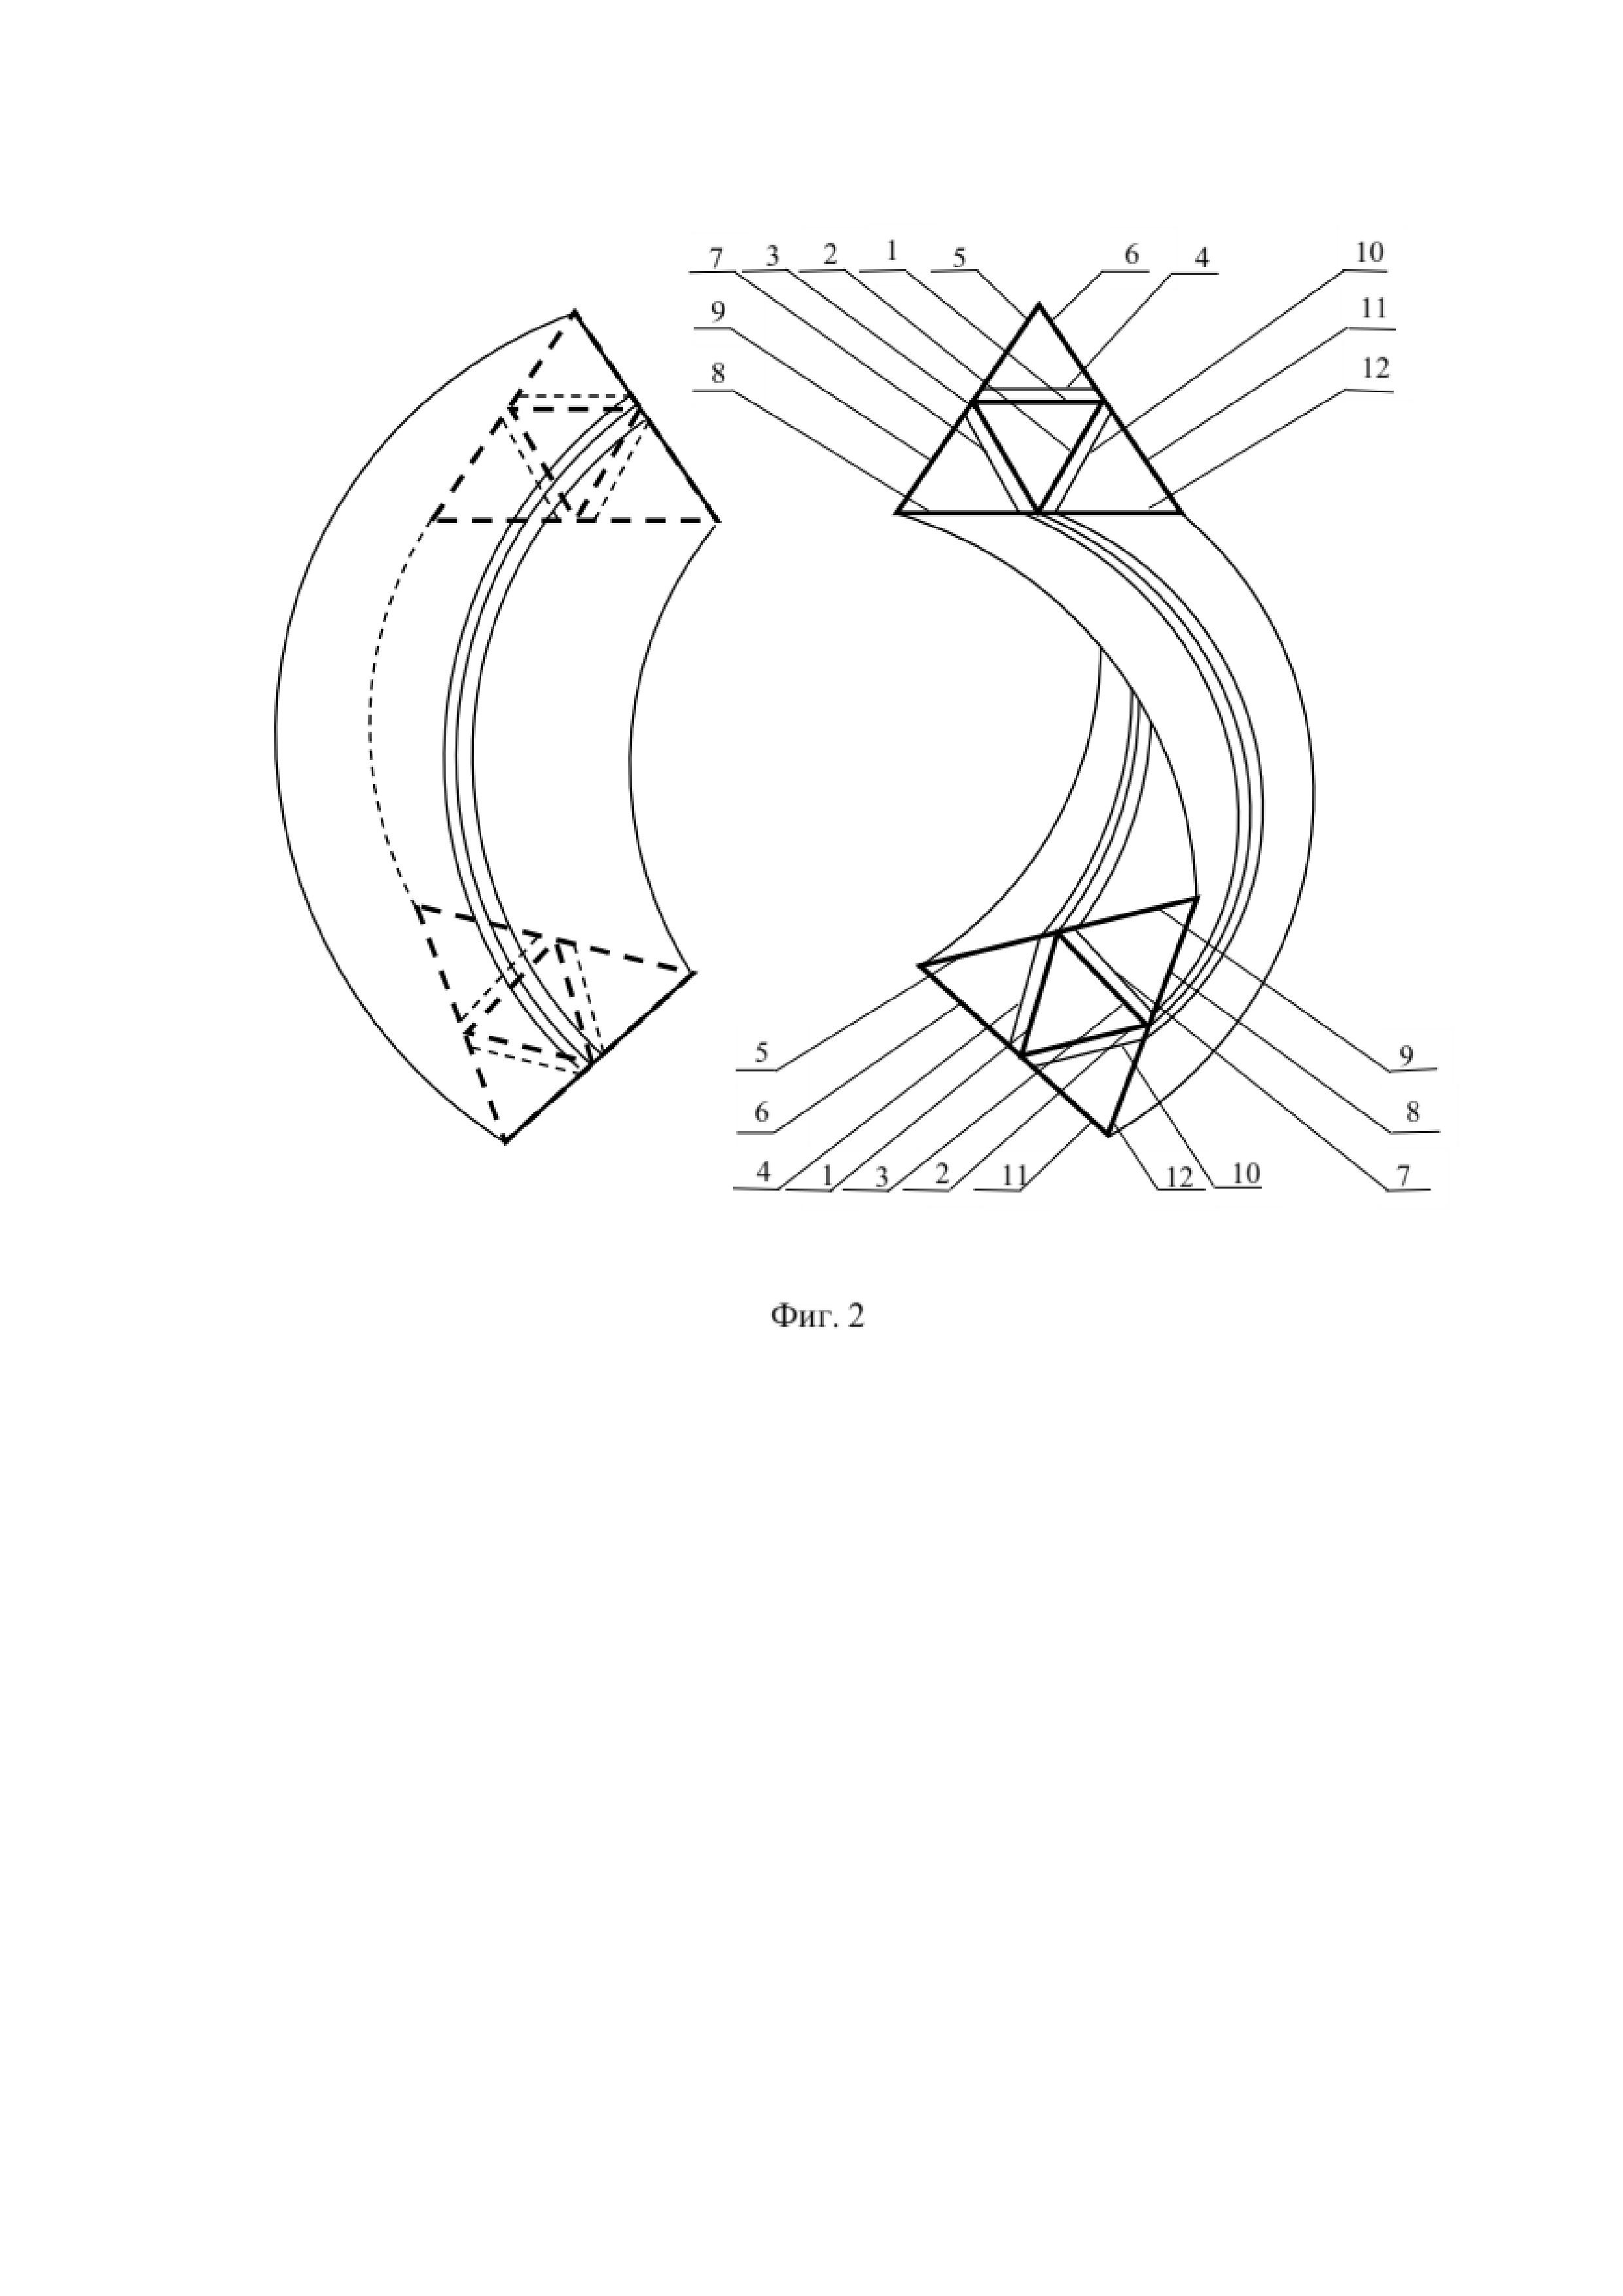 Фрактальные взаимосвязанные резонаторы сверхвысокочастотных электромагнитных колебаний в виде диэлектрических трехгранных односторонних поверхностей с металлическими обкладками